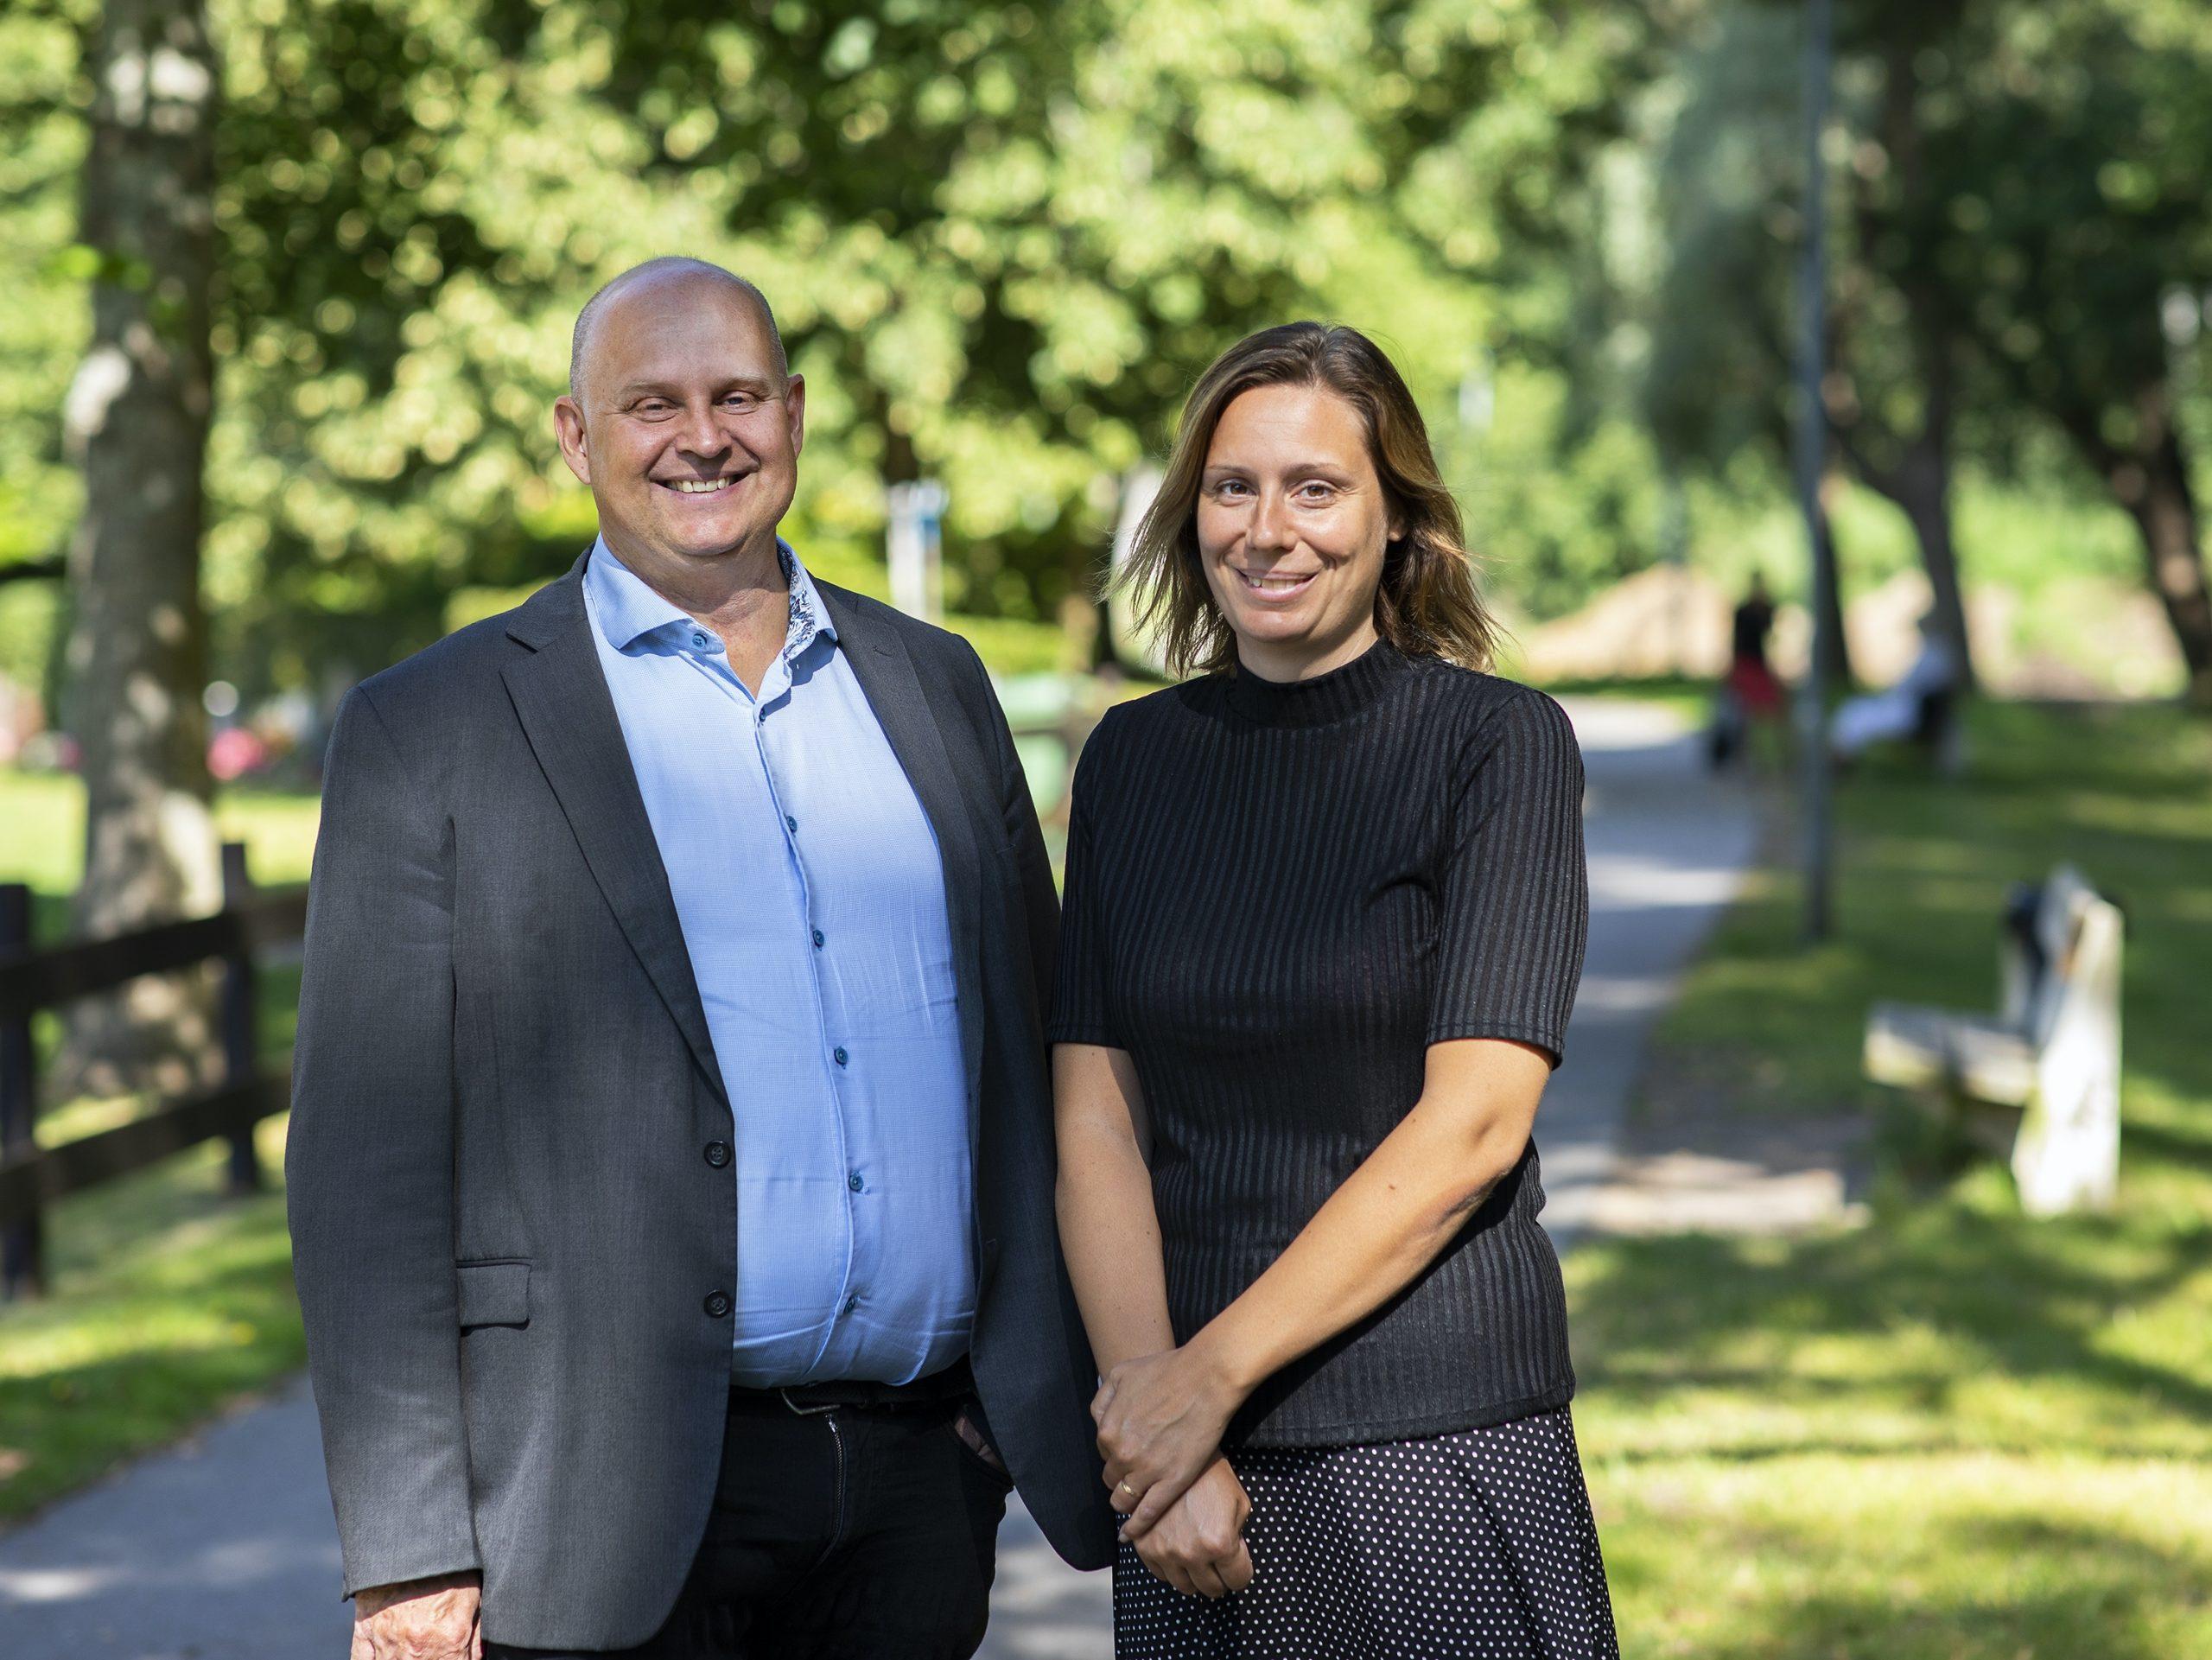 Kinda-Ydre Sparbank: Nya Bankvarvsveckan en hälsosatsning för alla